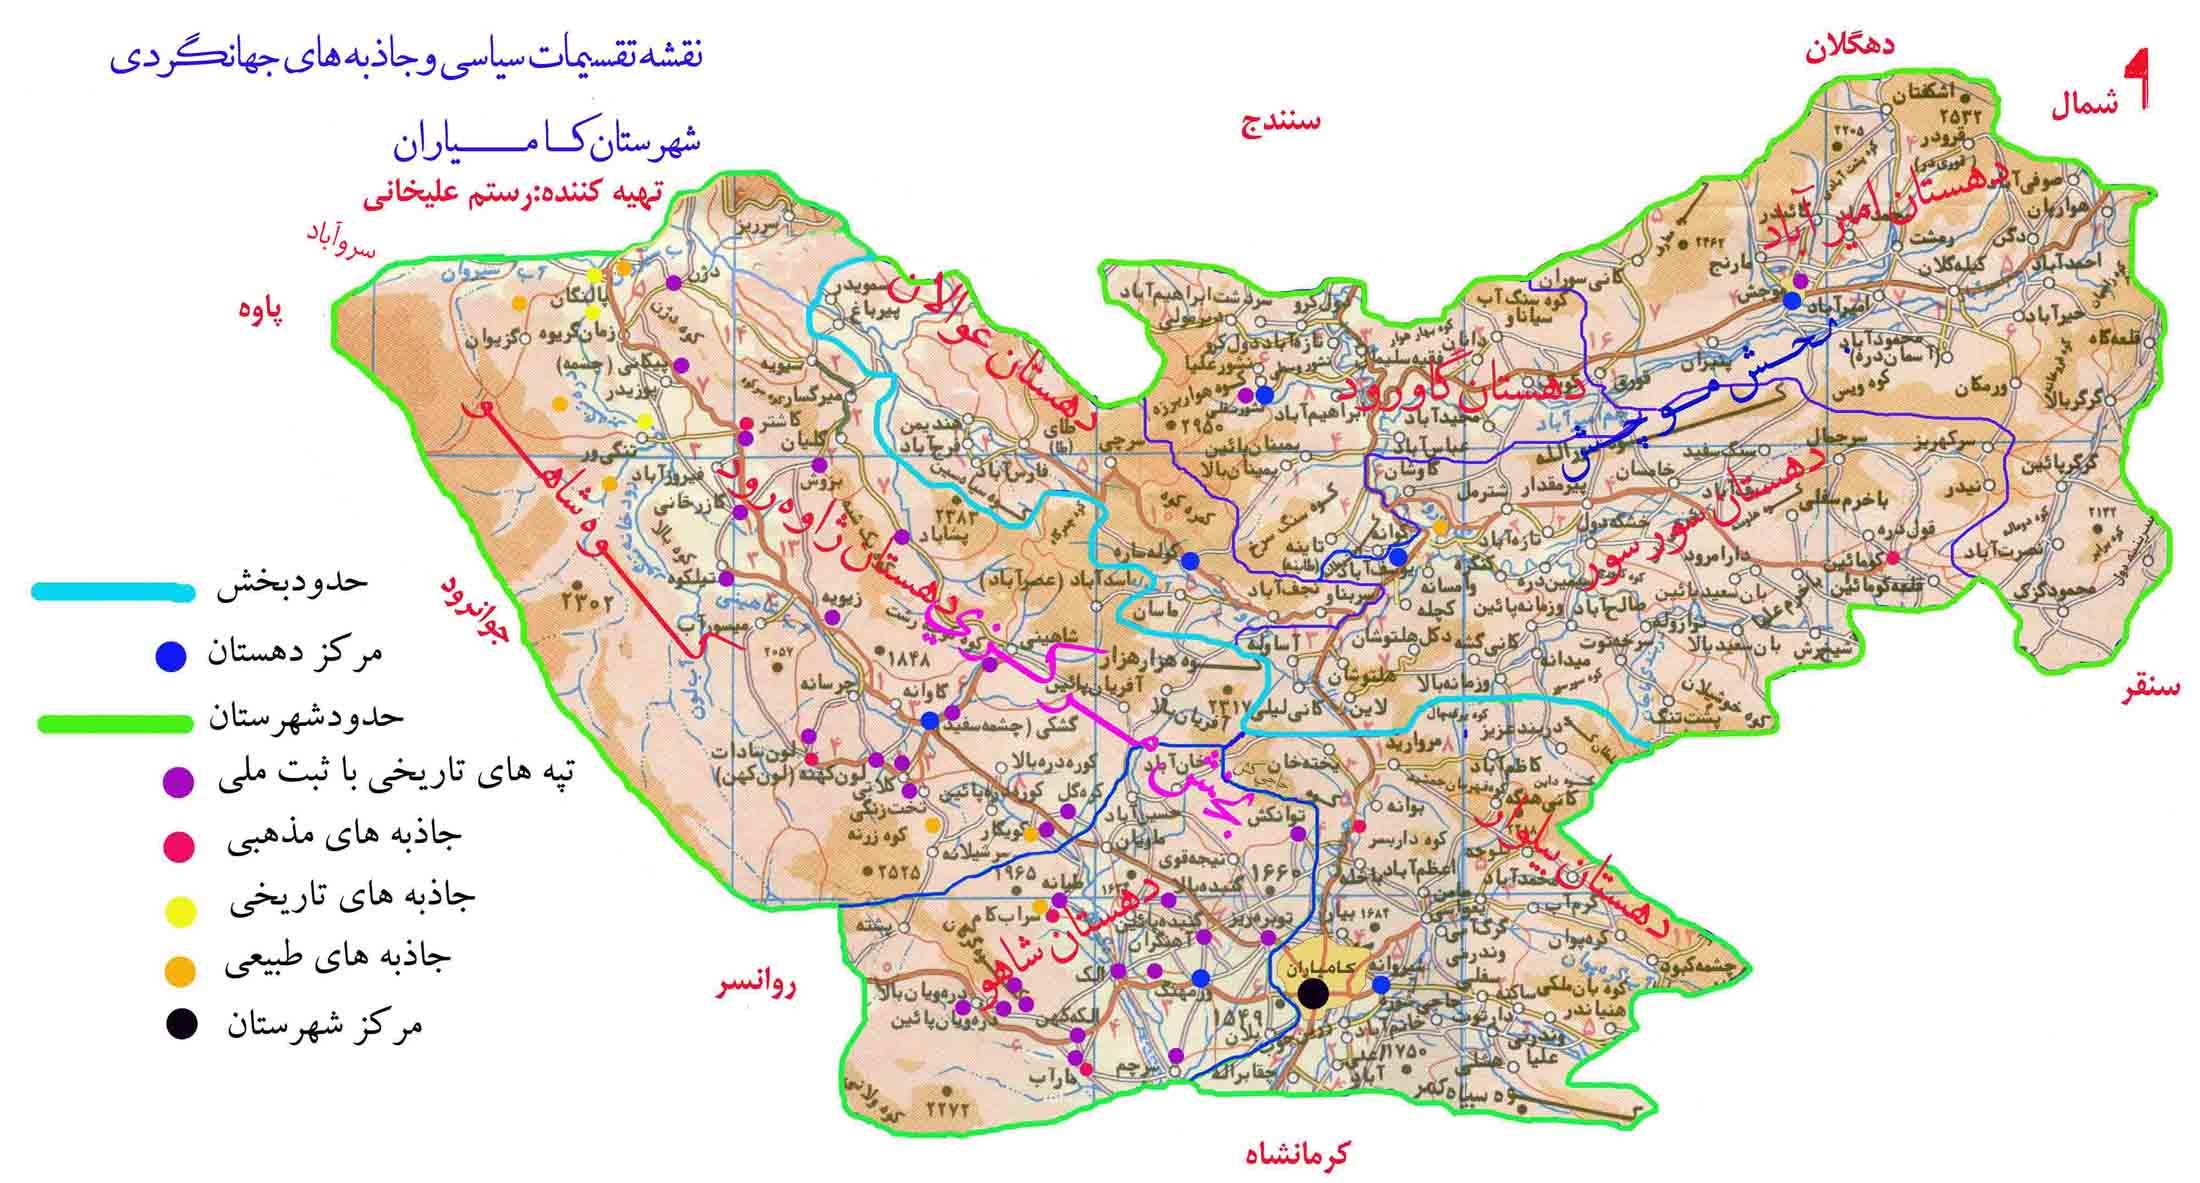 دوستی ها دانلود فیلم سریال ایرانی انیمیشن و آهنگ جدید و دانلودفیلم وسریال دانلود رایگان فیلم پسر اژدها سوار